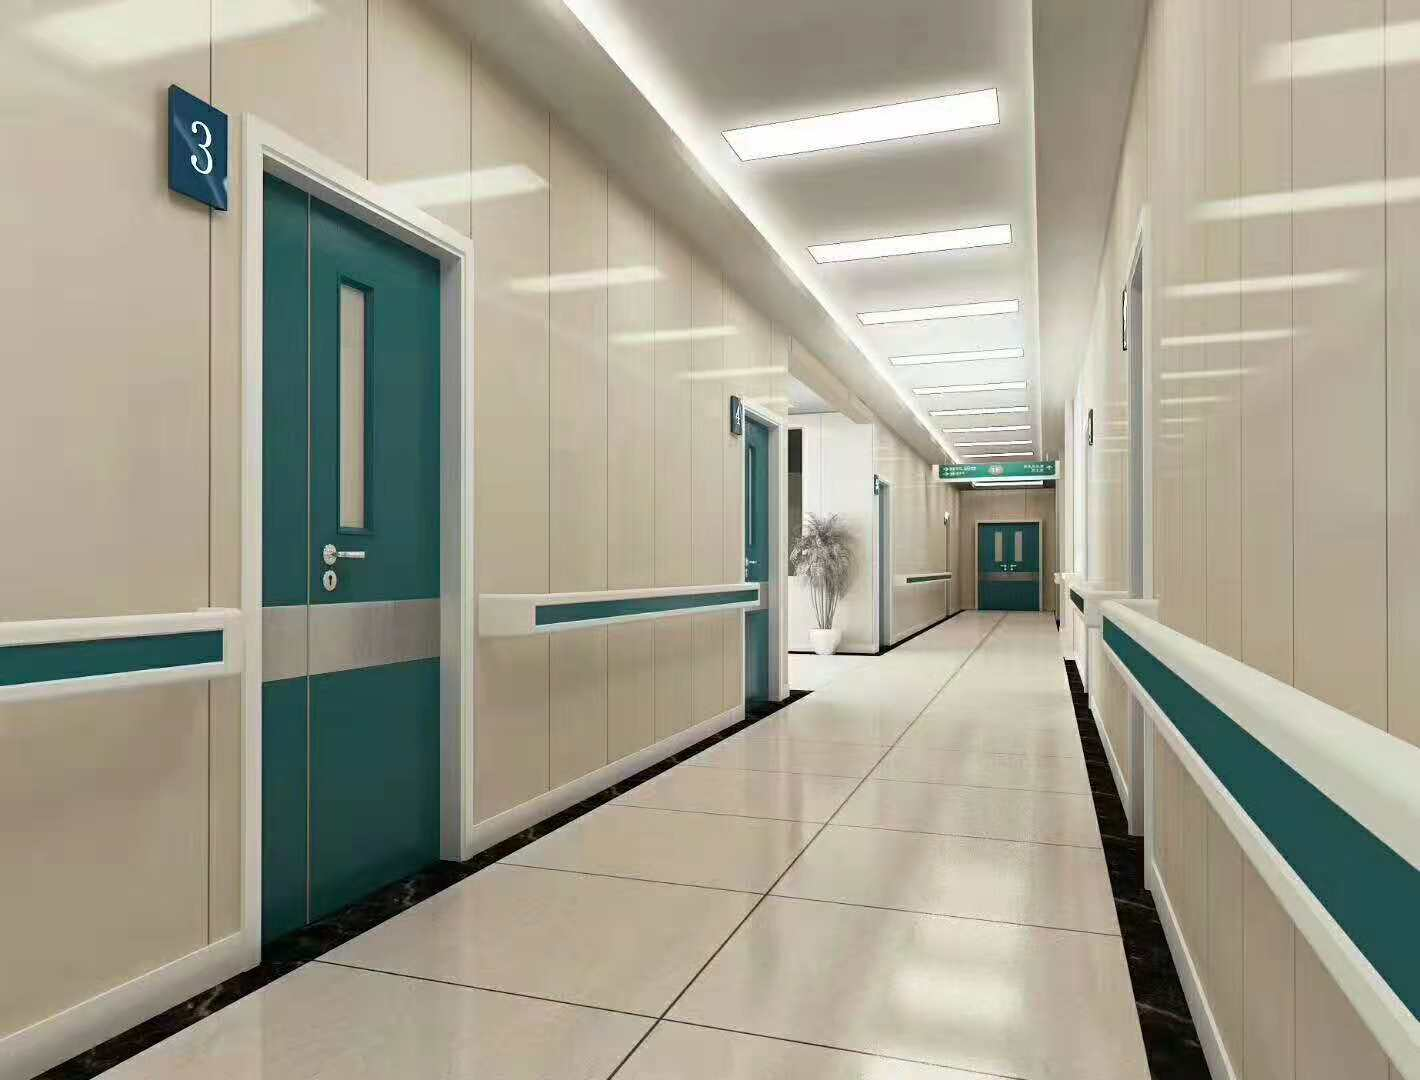 医院专用门的厂家怎么找?医用门哪个厂家比较好?